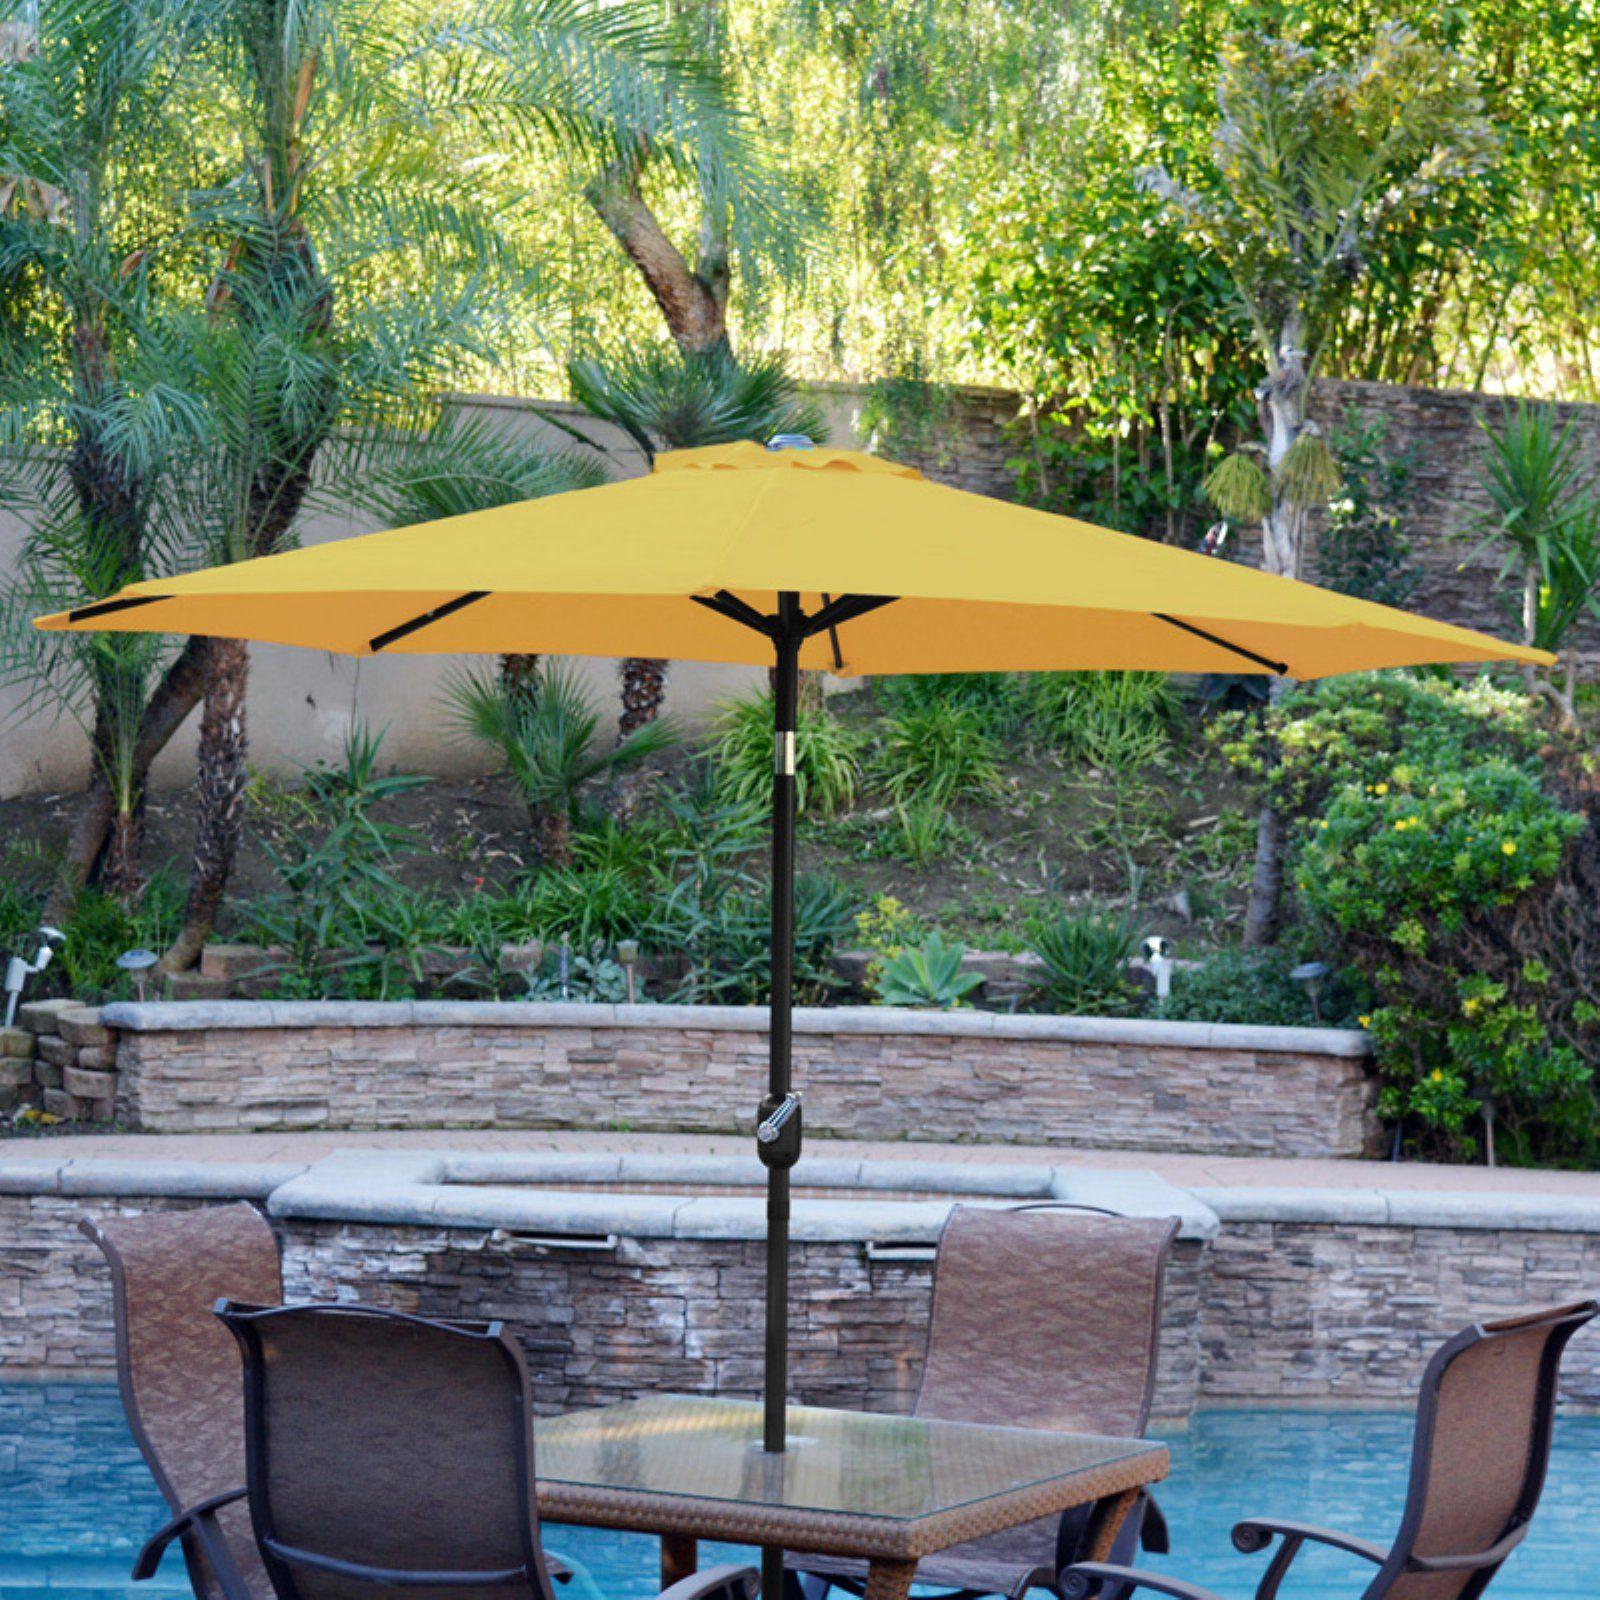 b0365d0894f7 Jeco 9 ft. Aluminum Patio Market Umbrella with Tilt and Crank ...